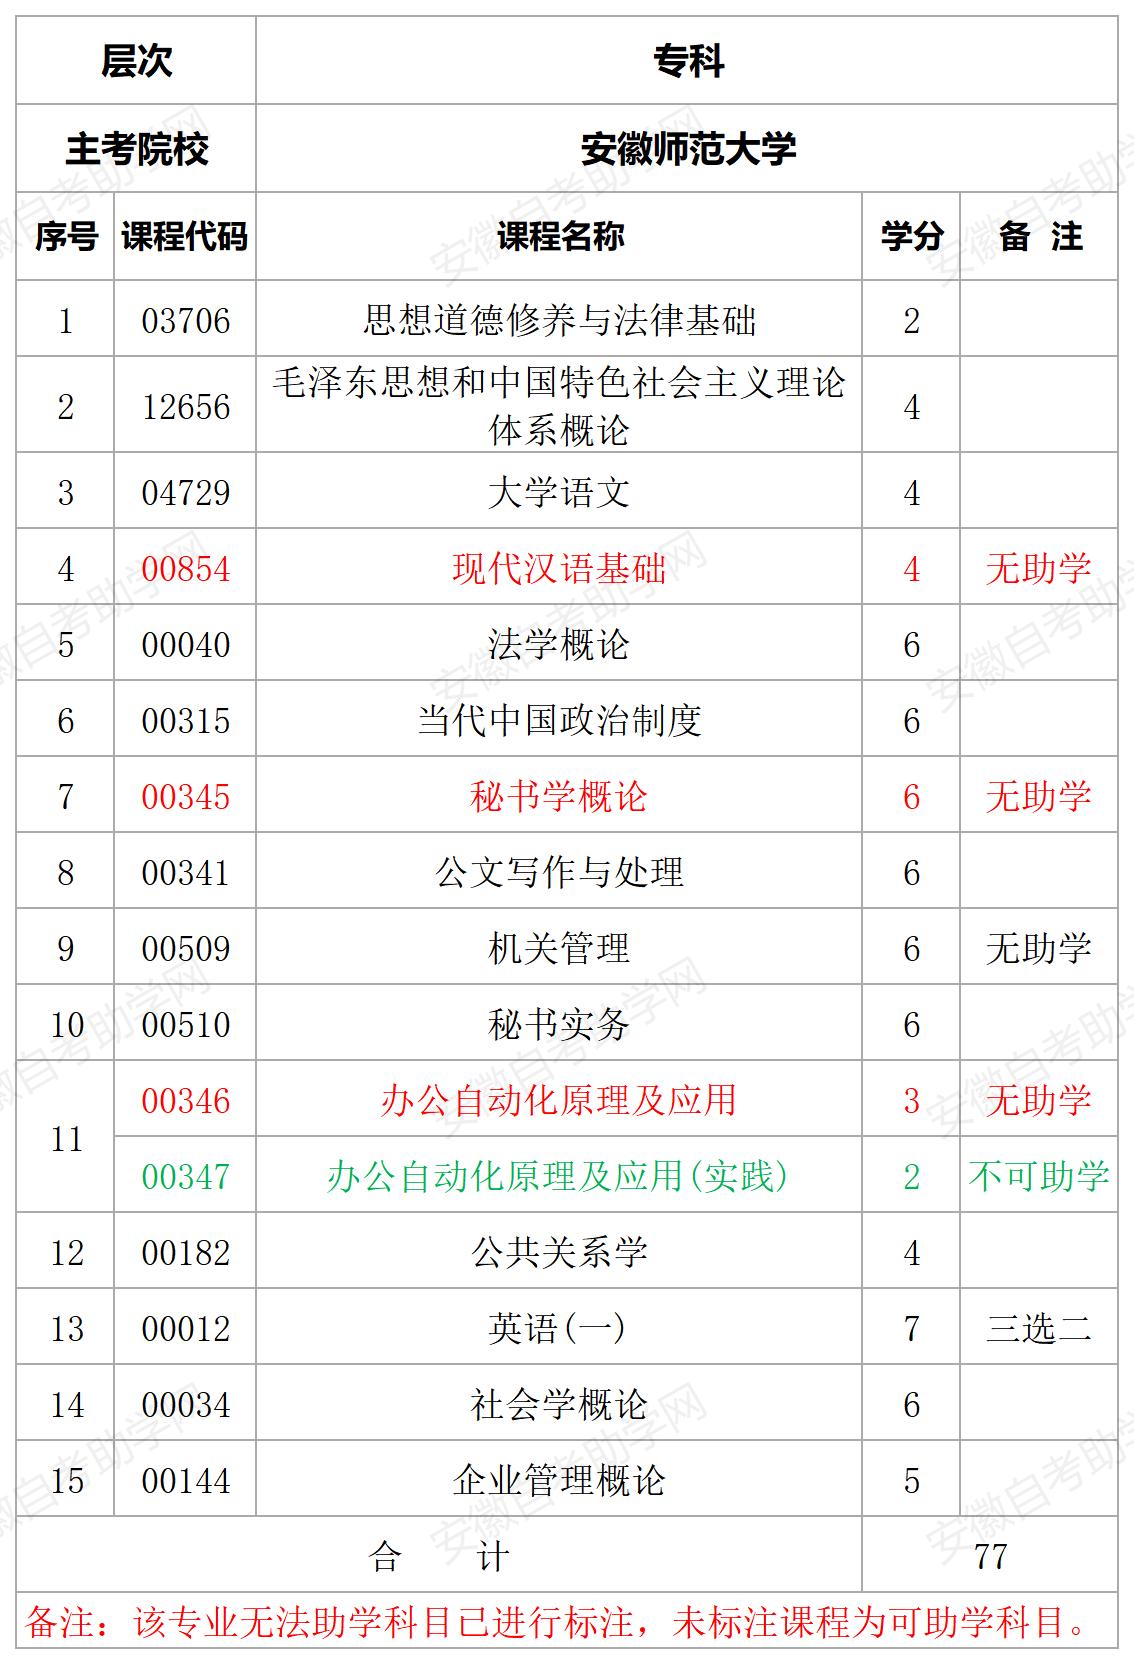 安徽师范大学秘书专业专科计划表